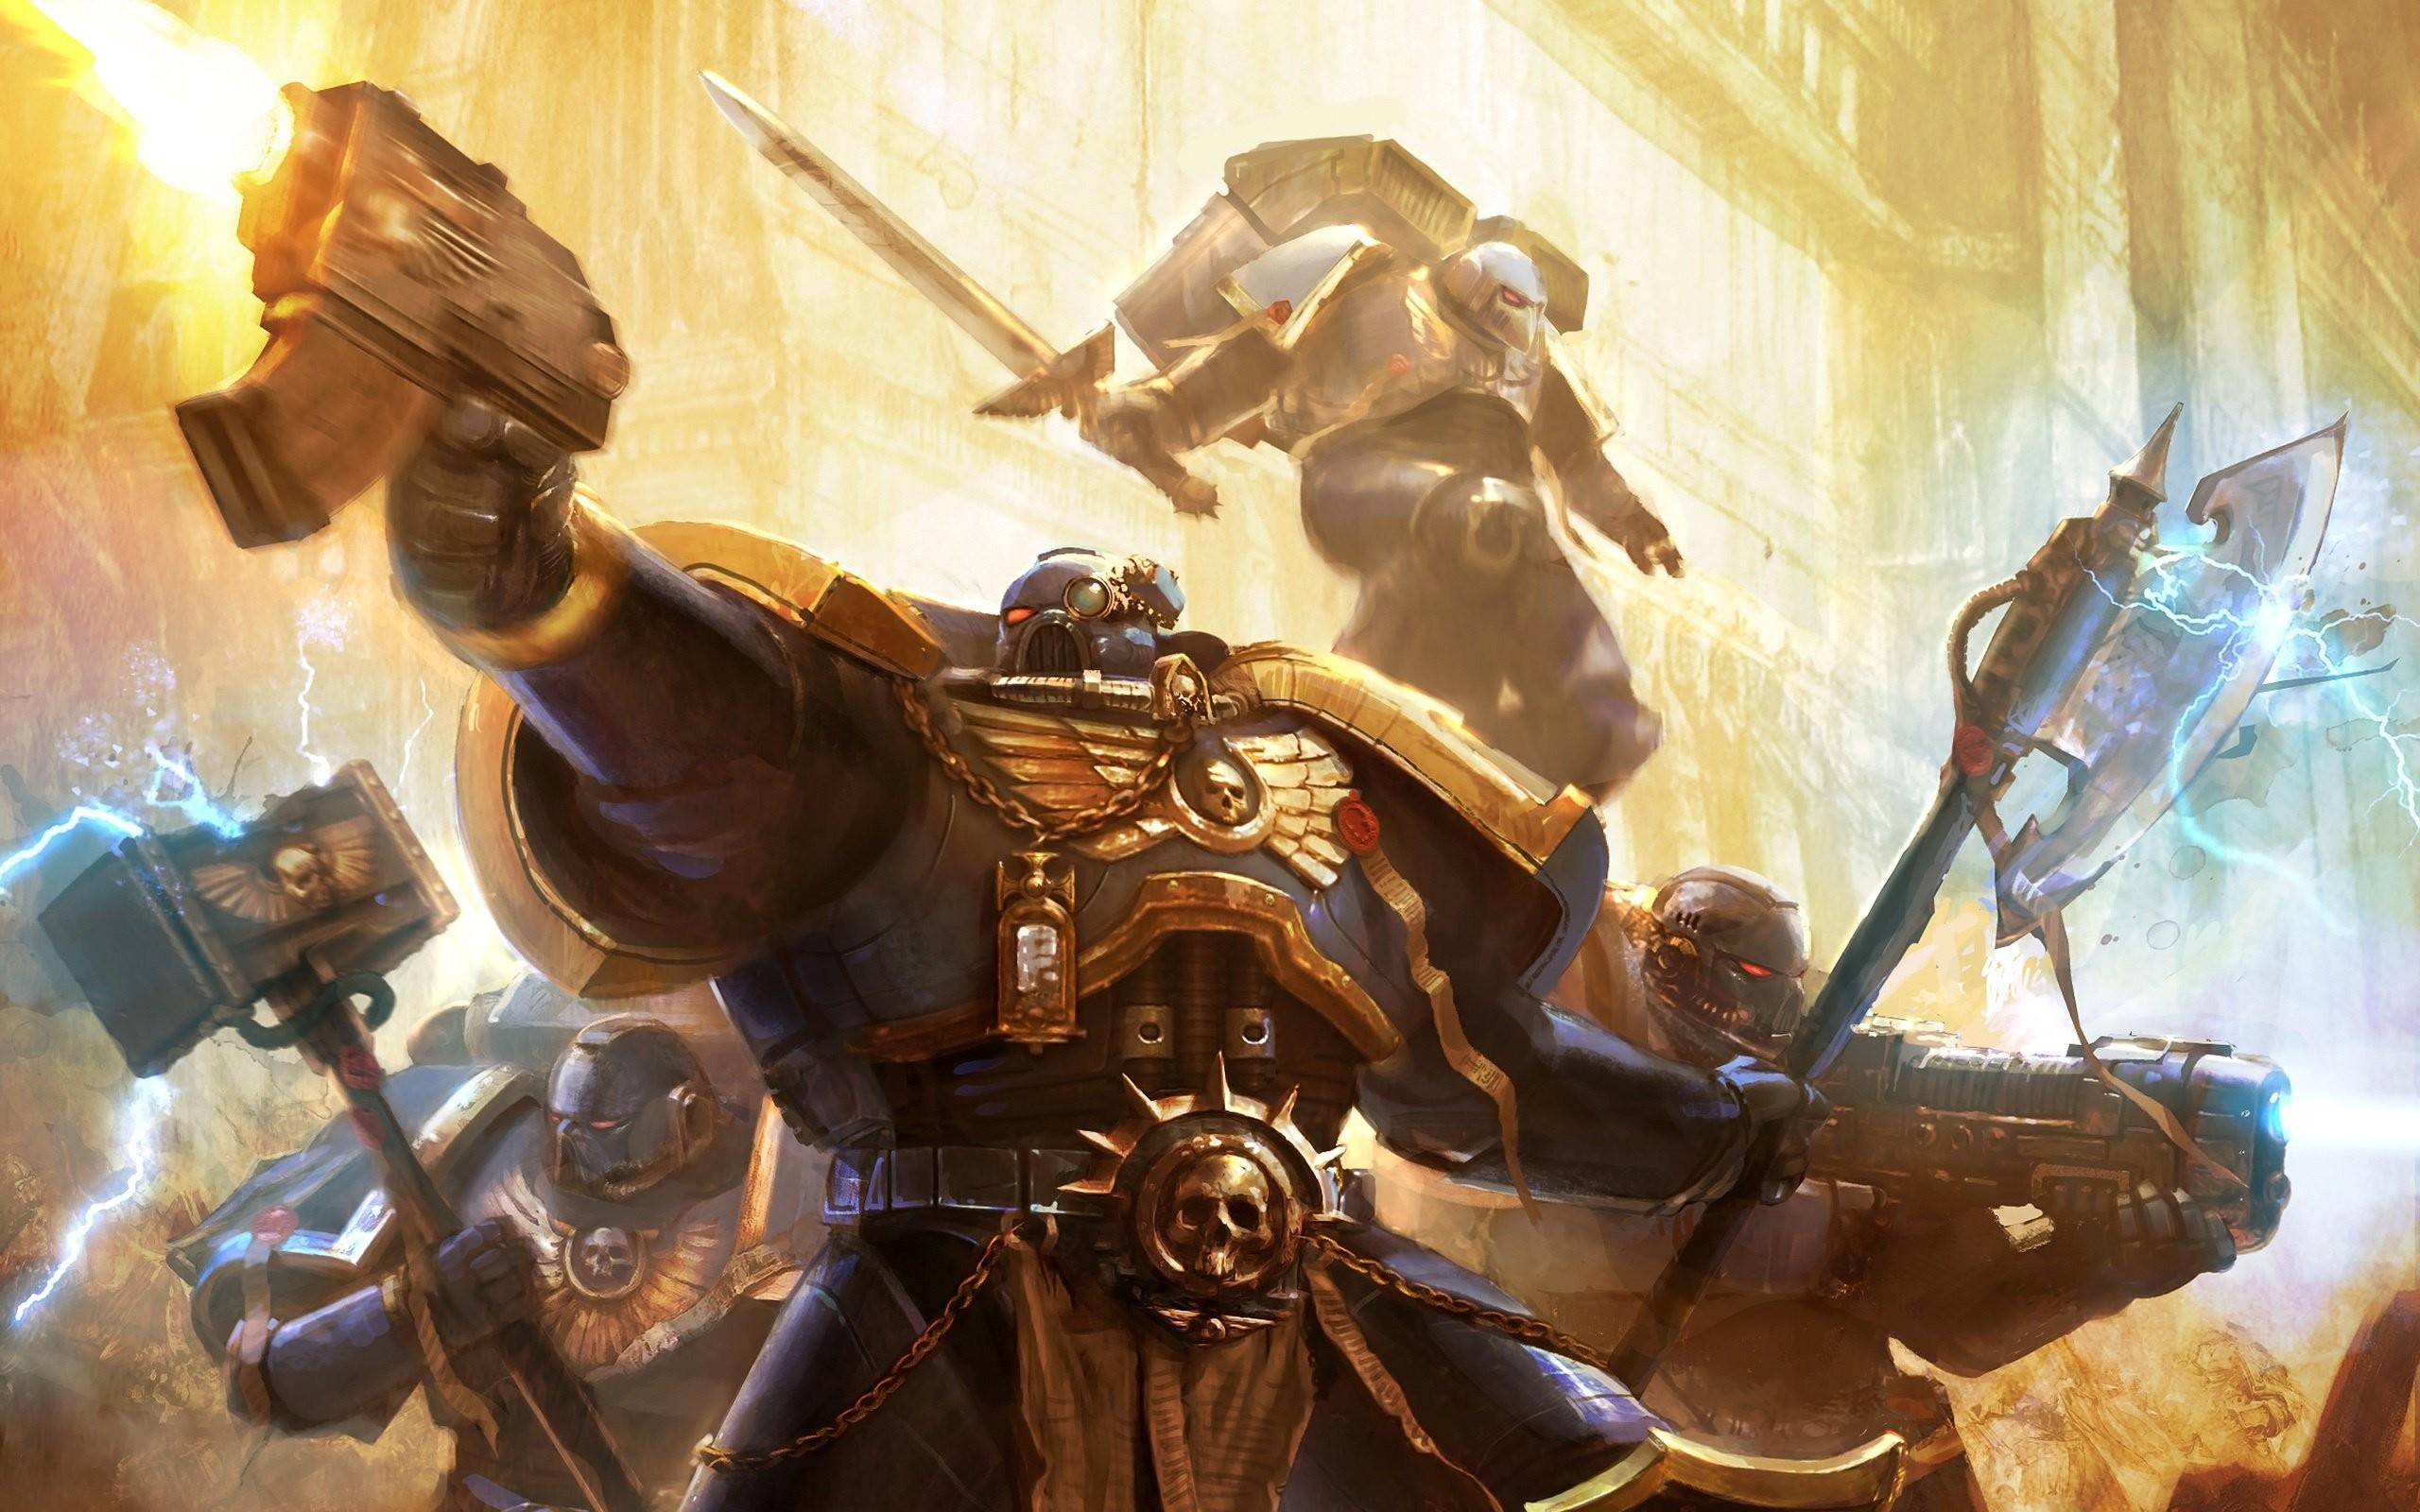 Res: 2560x1600, Wallpaper zu Warhammer 40.000: Space Marine herunterladen